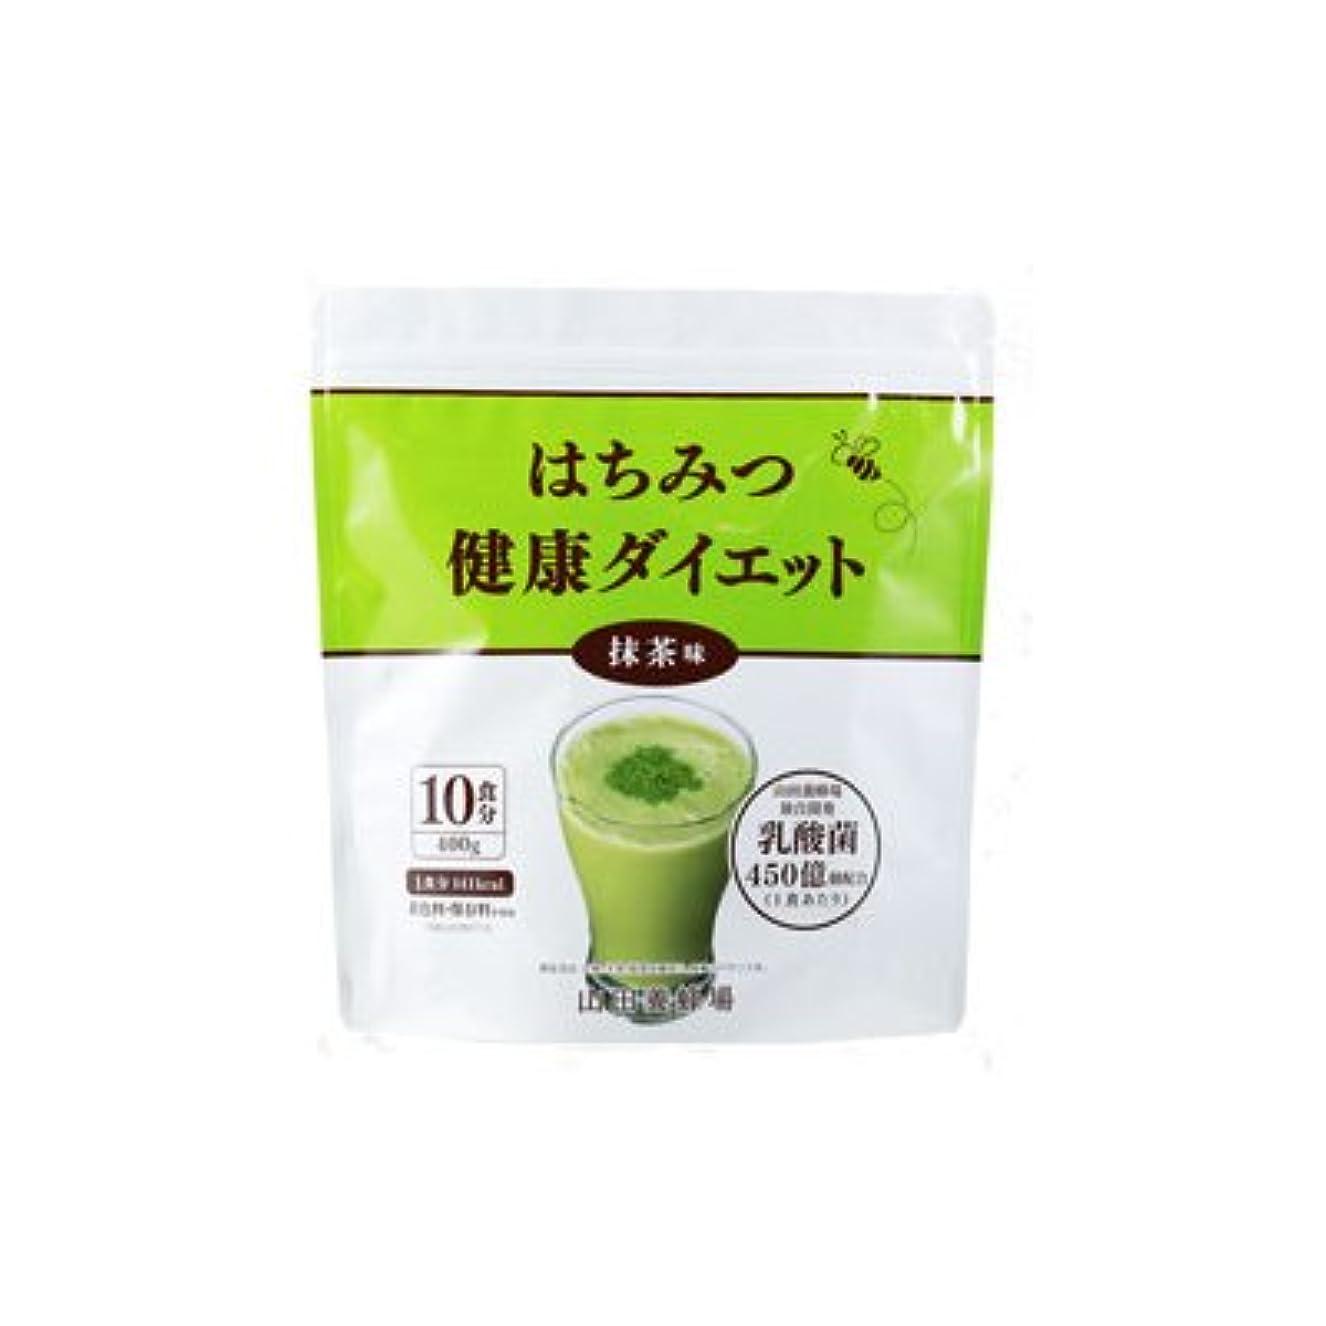 悪性名目上のトライアスリートはちみつ健康ダイエット 【抹茶味】400g(10食分)